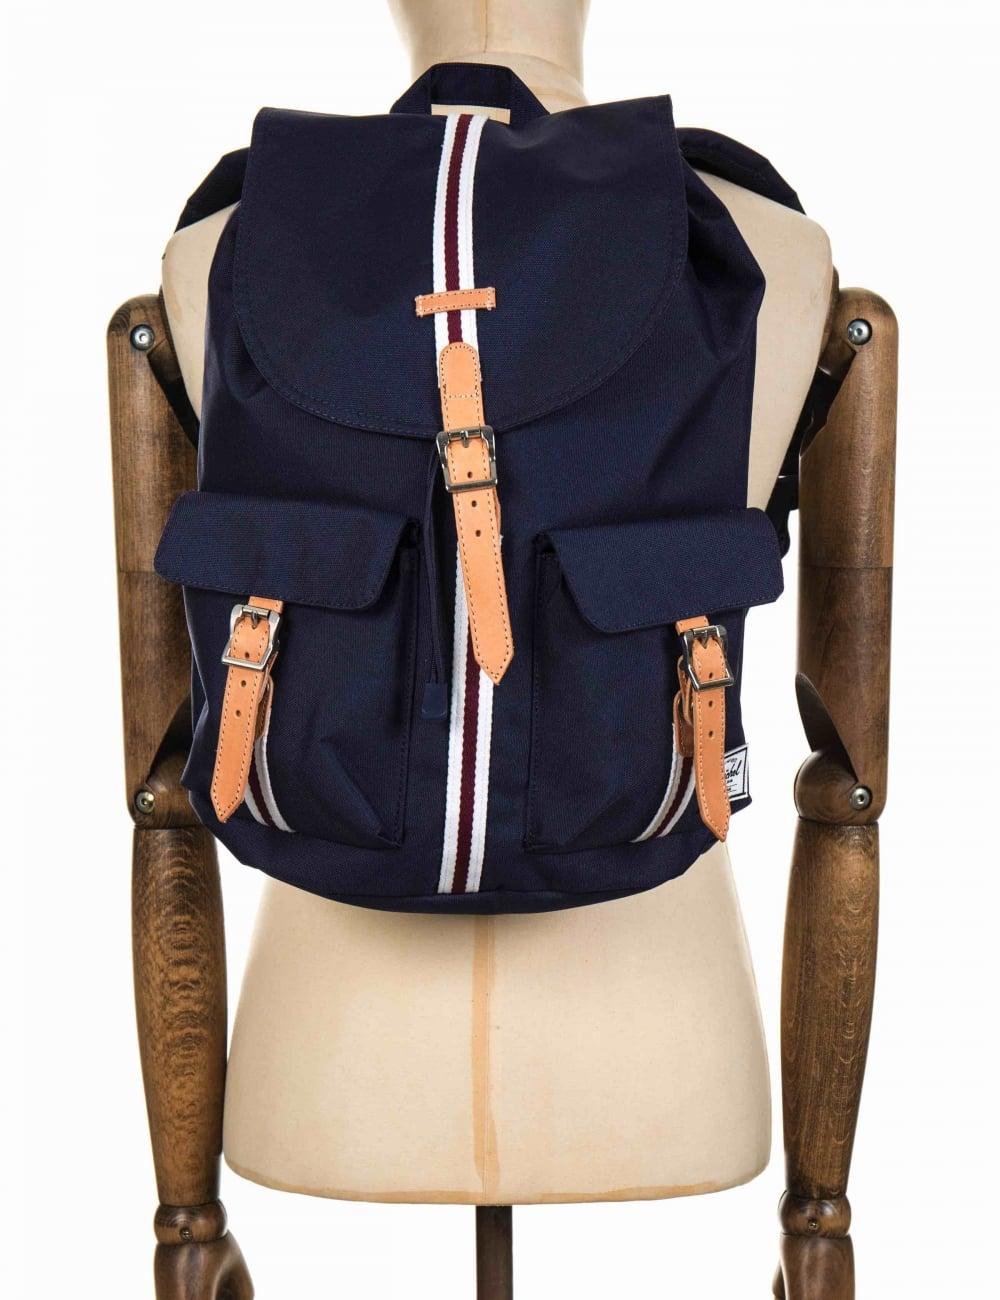 Herschel Supply Co Dawson 20.5L Backpack - Peacoat White Windsor Wine 8aaf67516d